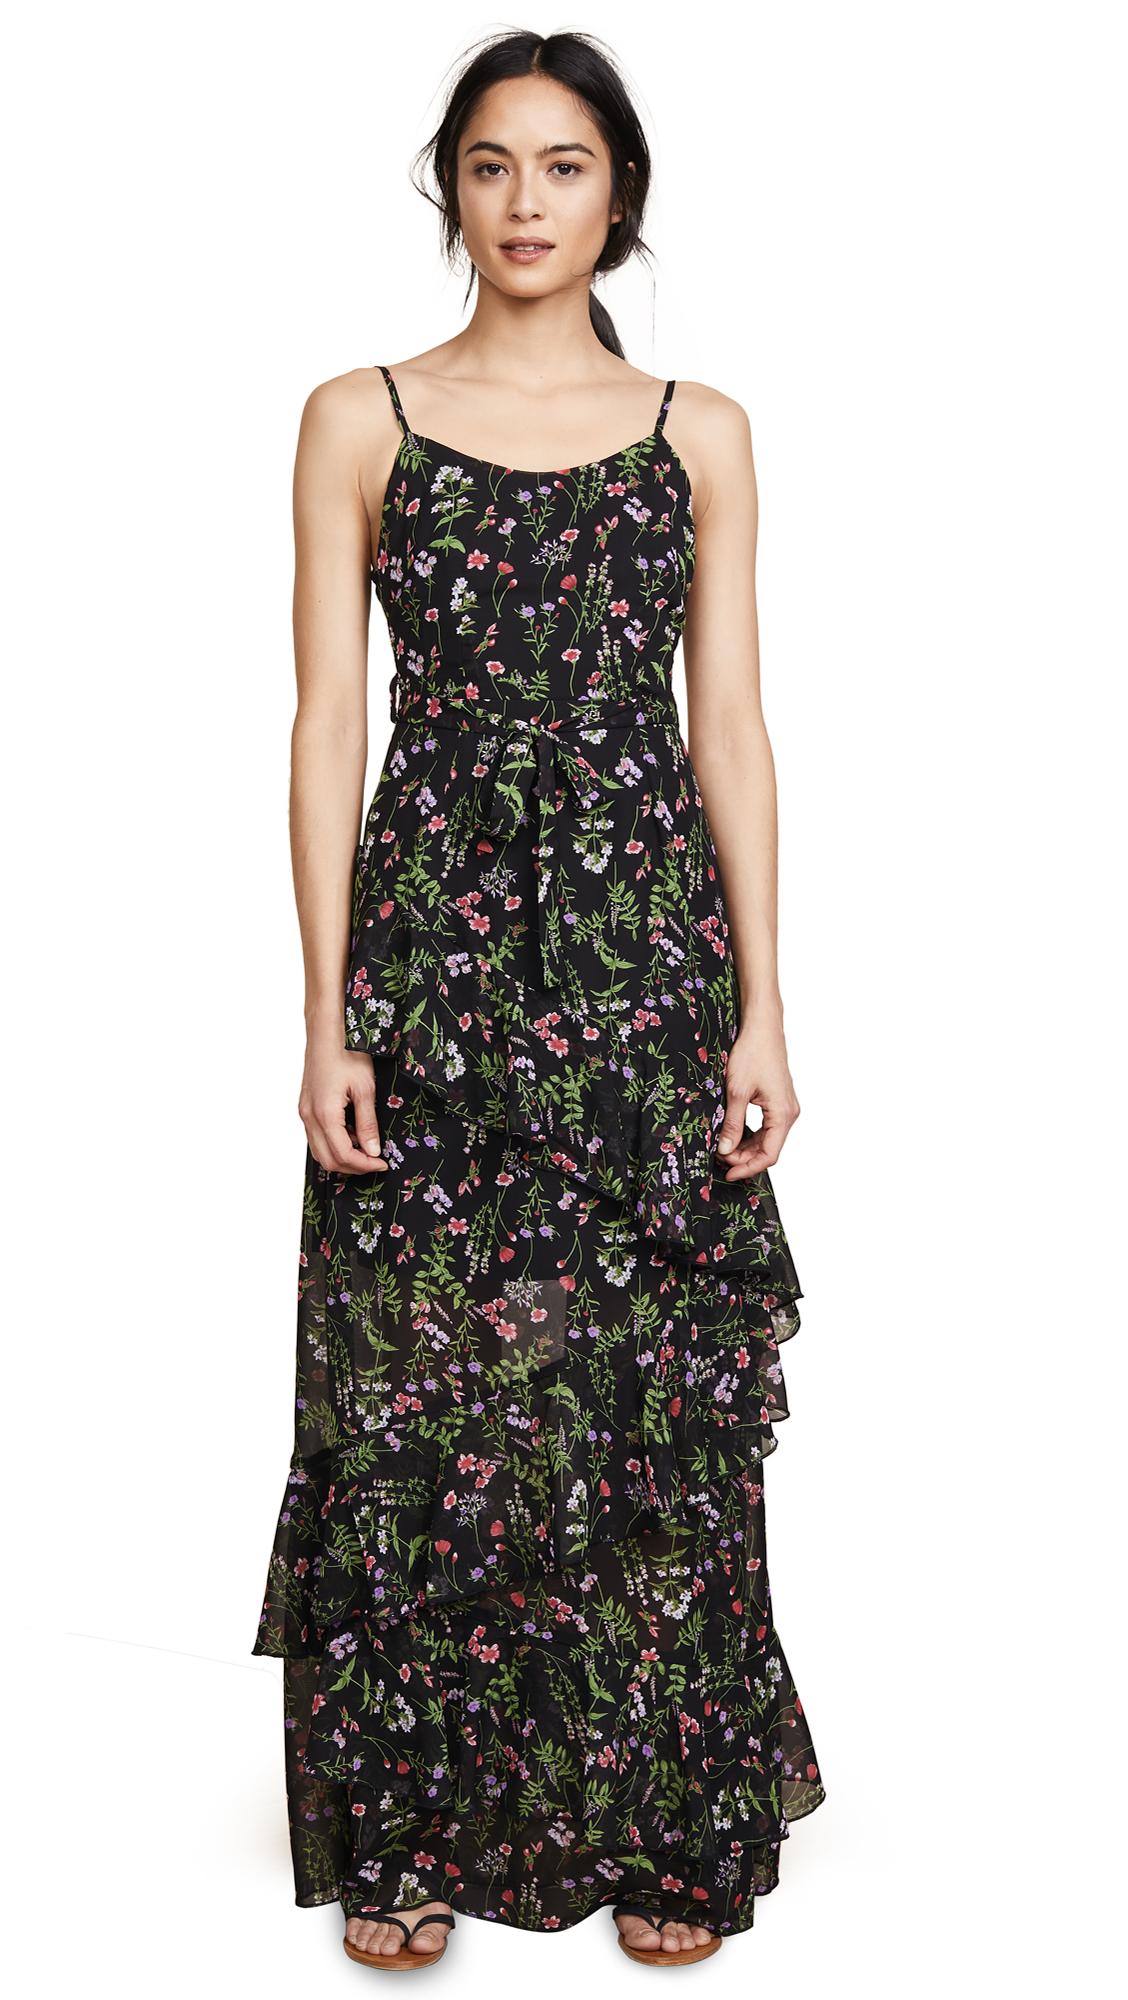 NIGHTWALKER THE DELPHINE DRESS